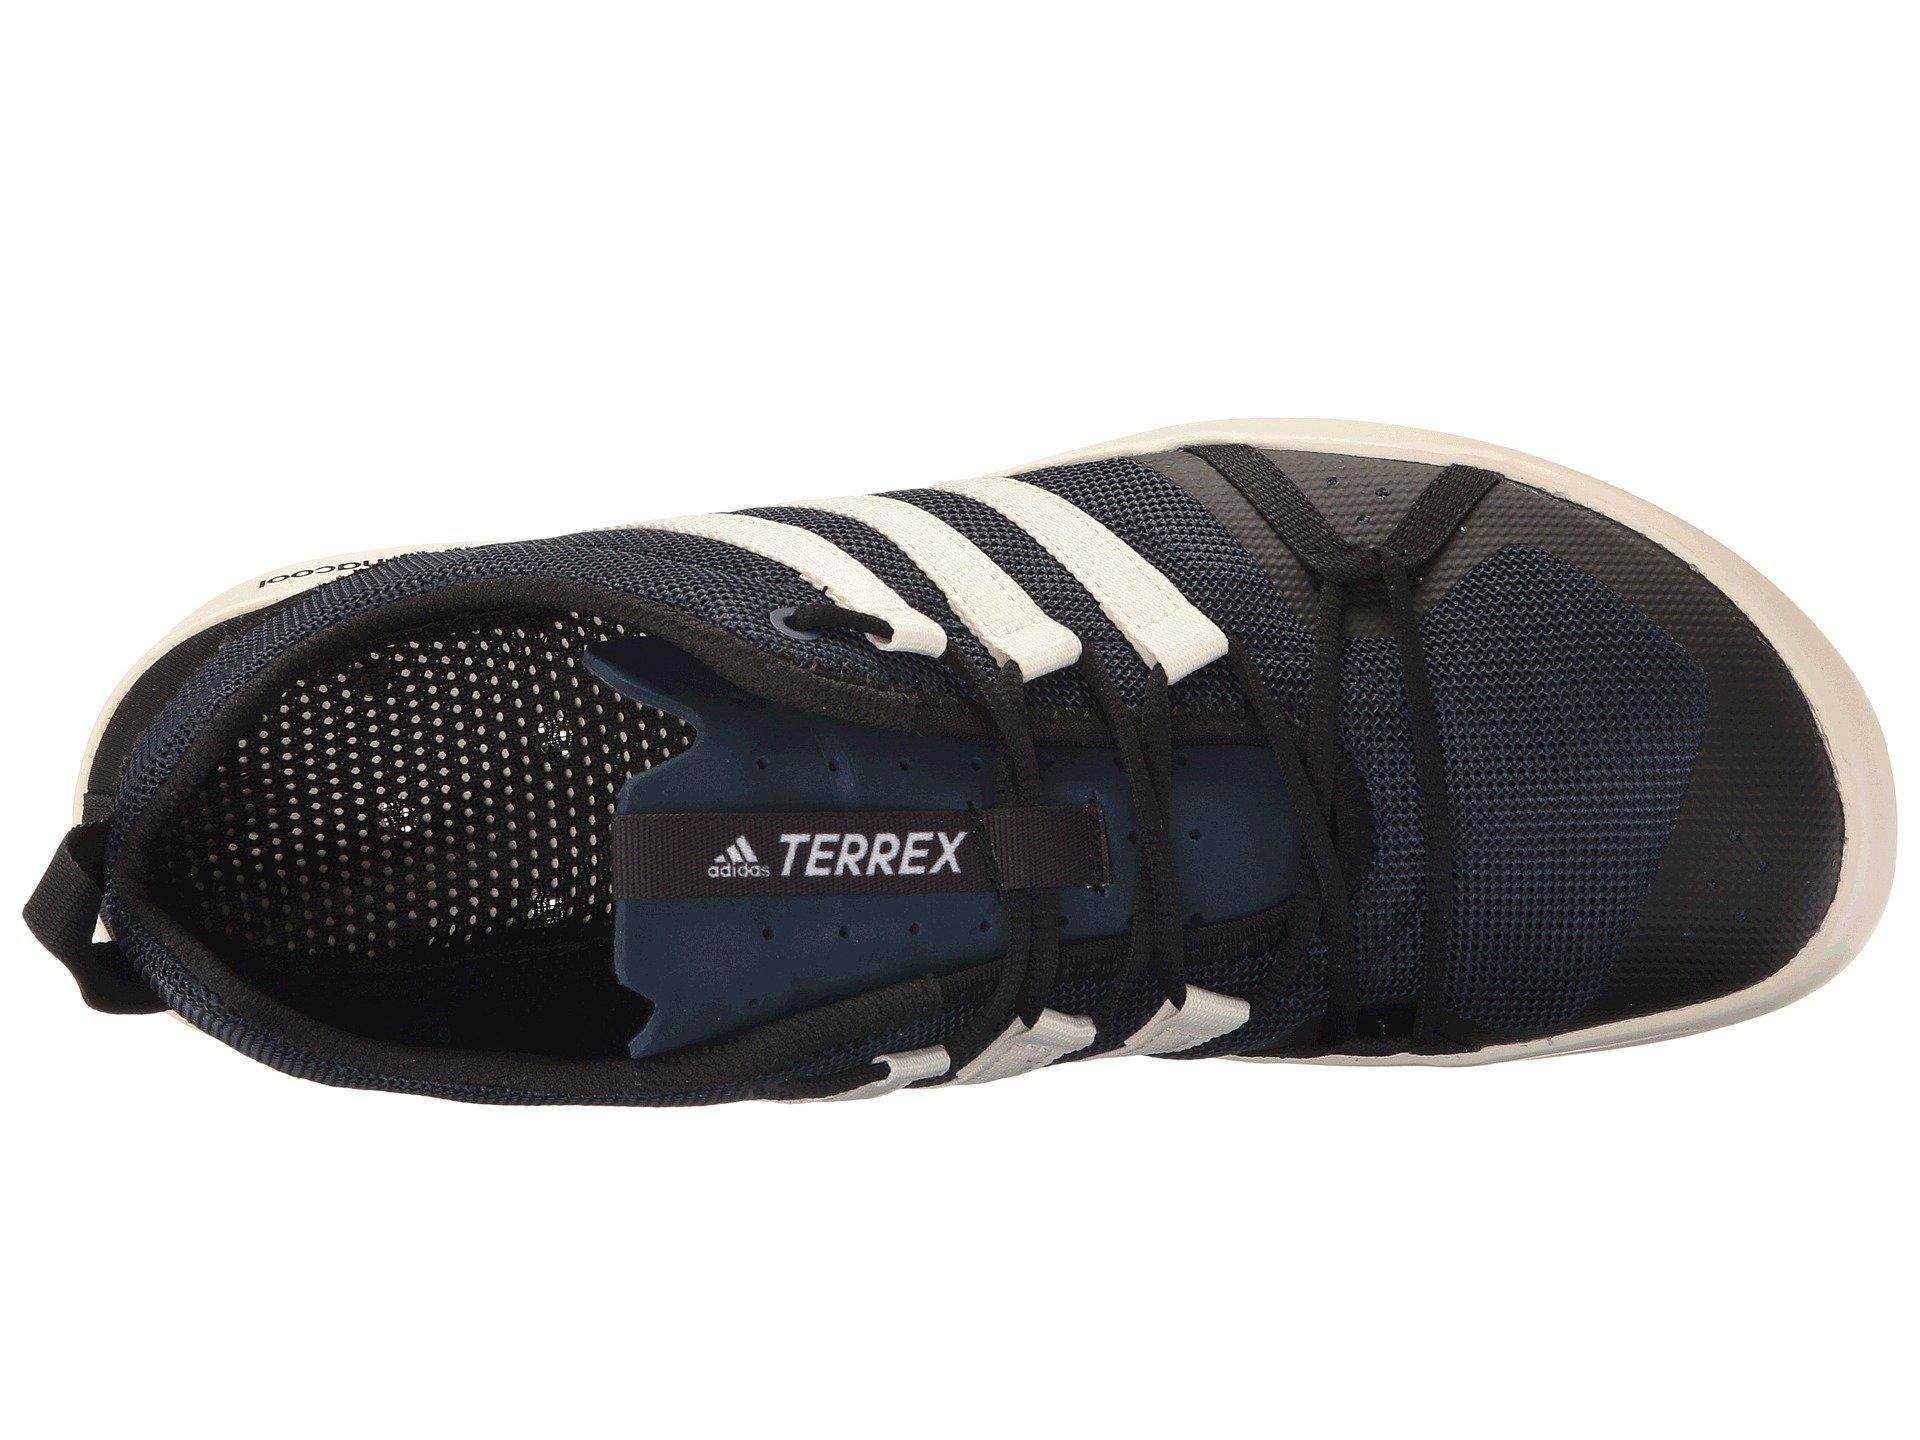 Adidas Originals - Blue Terrex Climacool Boat for Men - Lyst. View  fullscreen db6593233